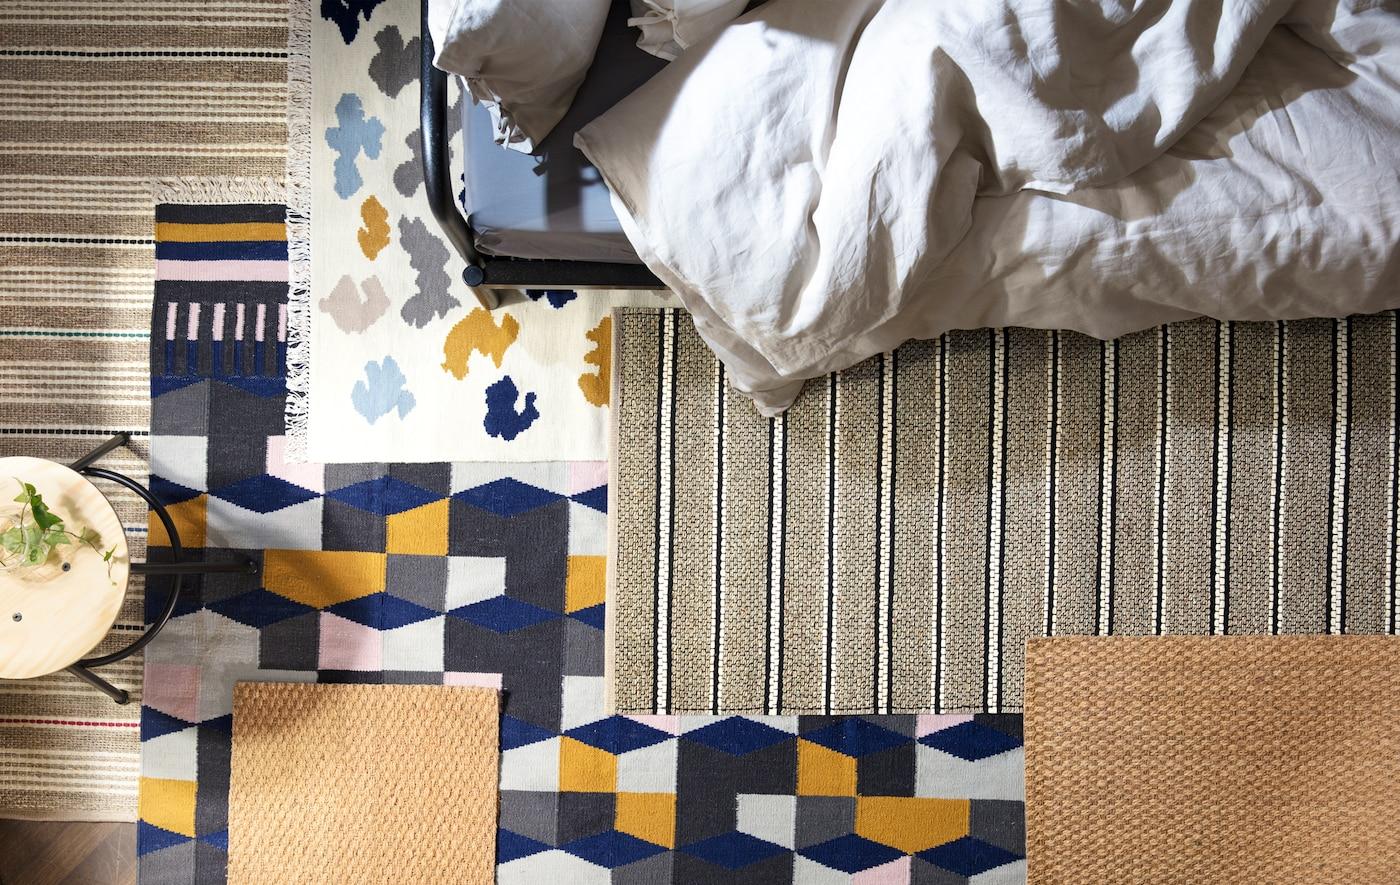 打造一间舒适的卧室在地板上铺几块地毯,减少回音。宜家有丰富多样的地毯,比如多色的 TÅRBÄK 托尔贝克 羊毛地毯。